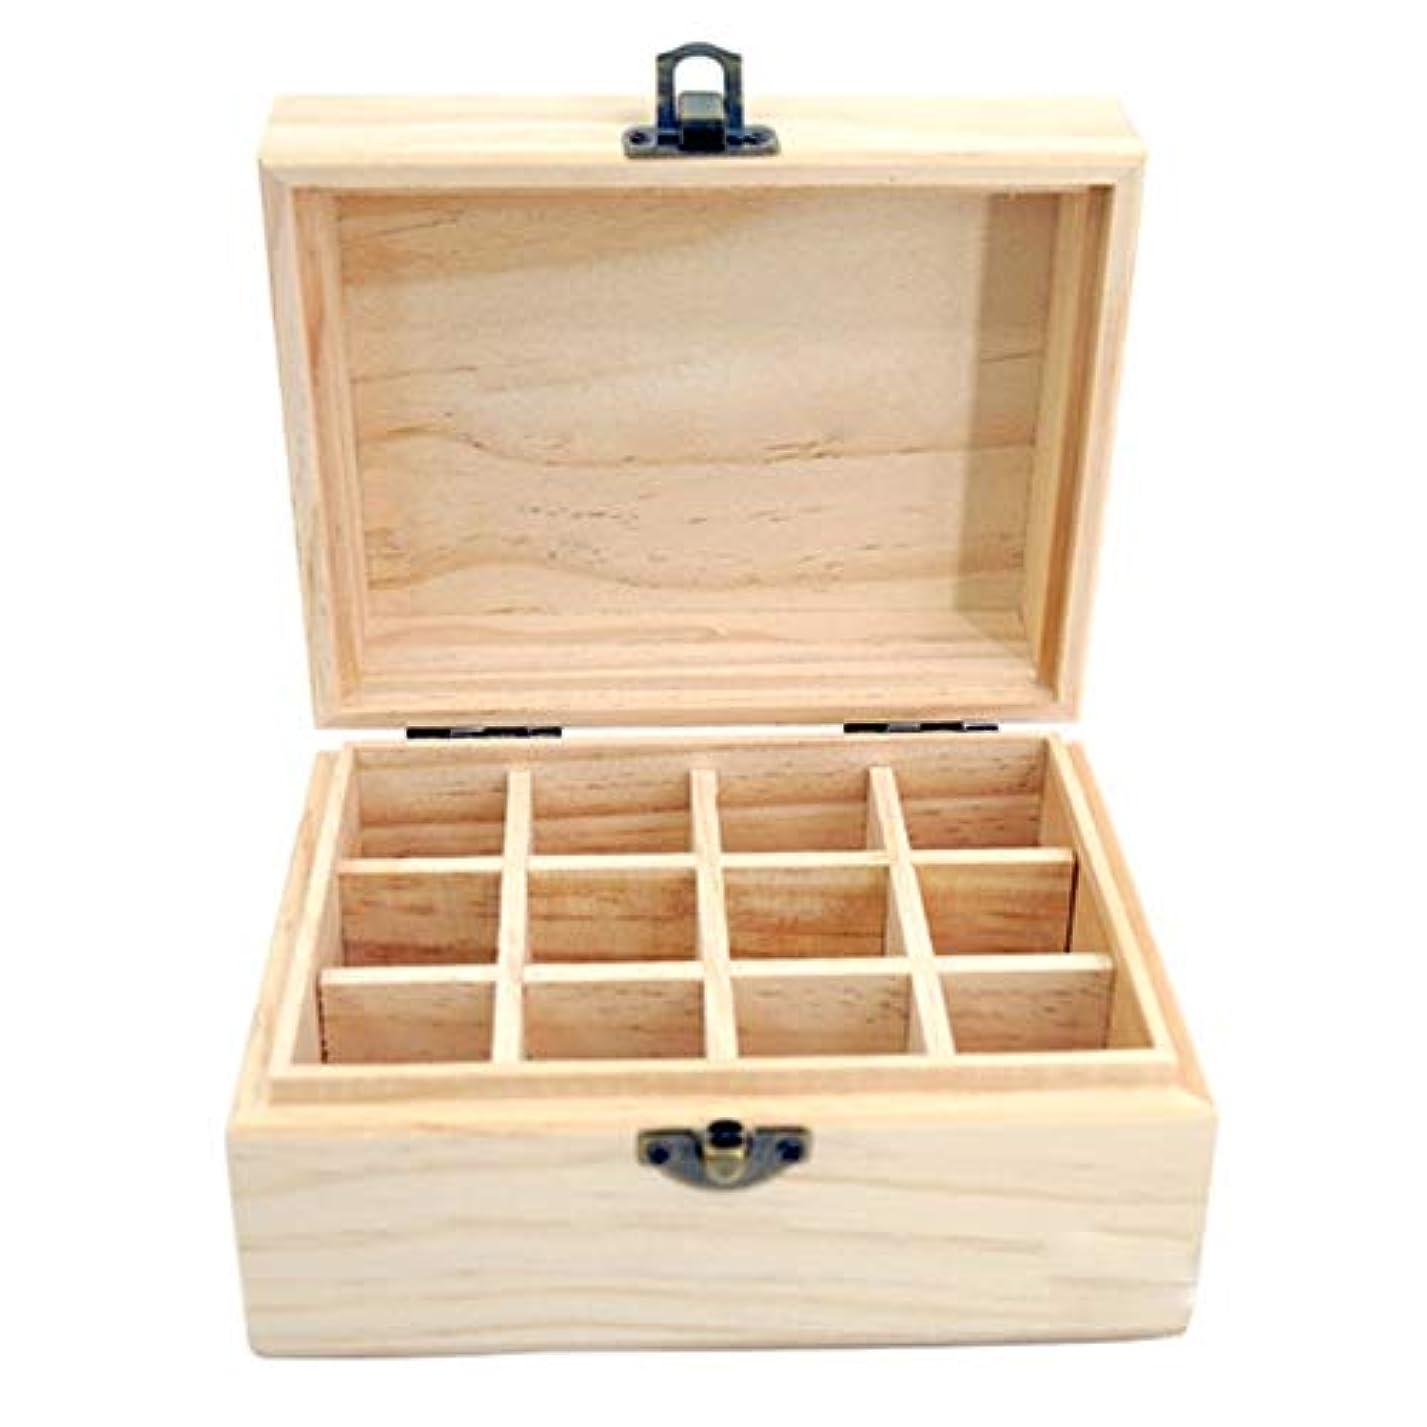 縞模様のハイブリッド妨げる12スロットエッセンシャルオイル木箱の収納ケースは、あなたの油安全保護さを保つ保護します アロマセラピー製品 (色 : Natural, サイズ : 15X11.5X8CM)